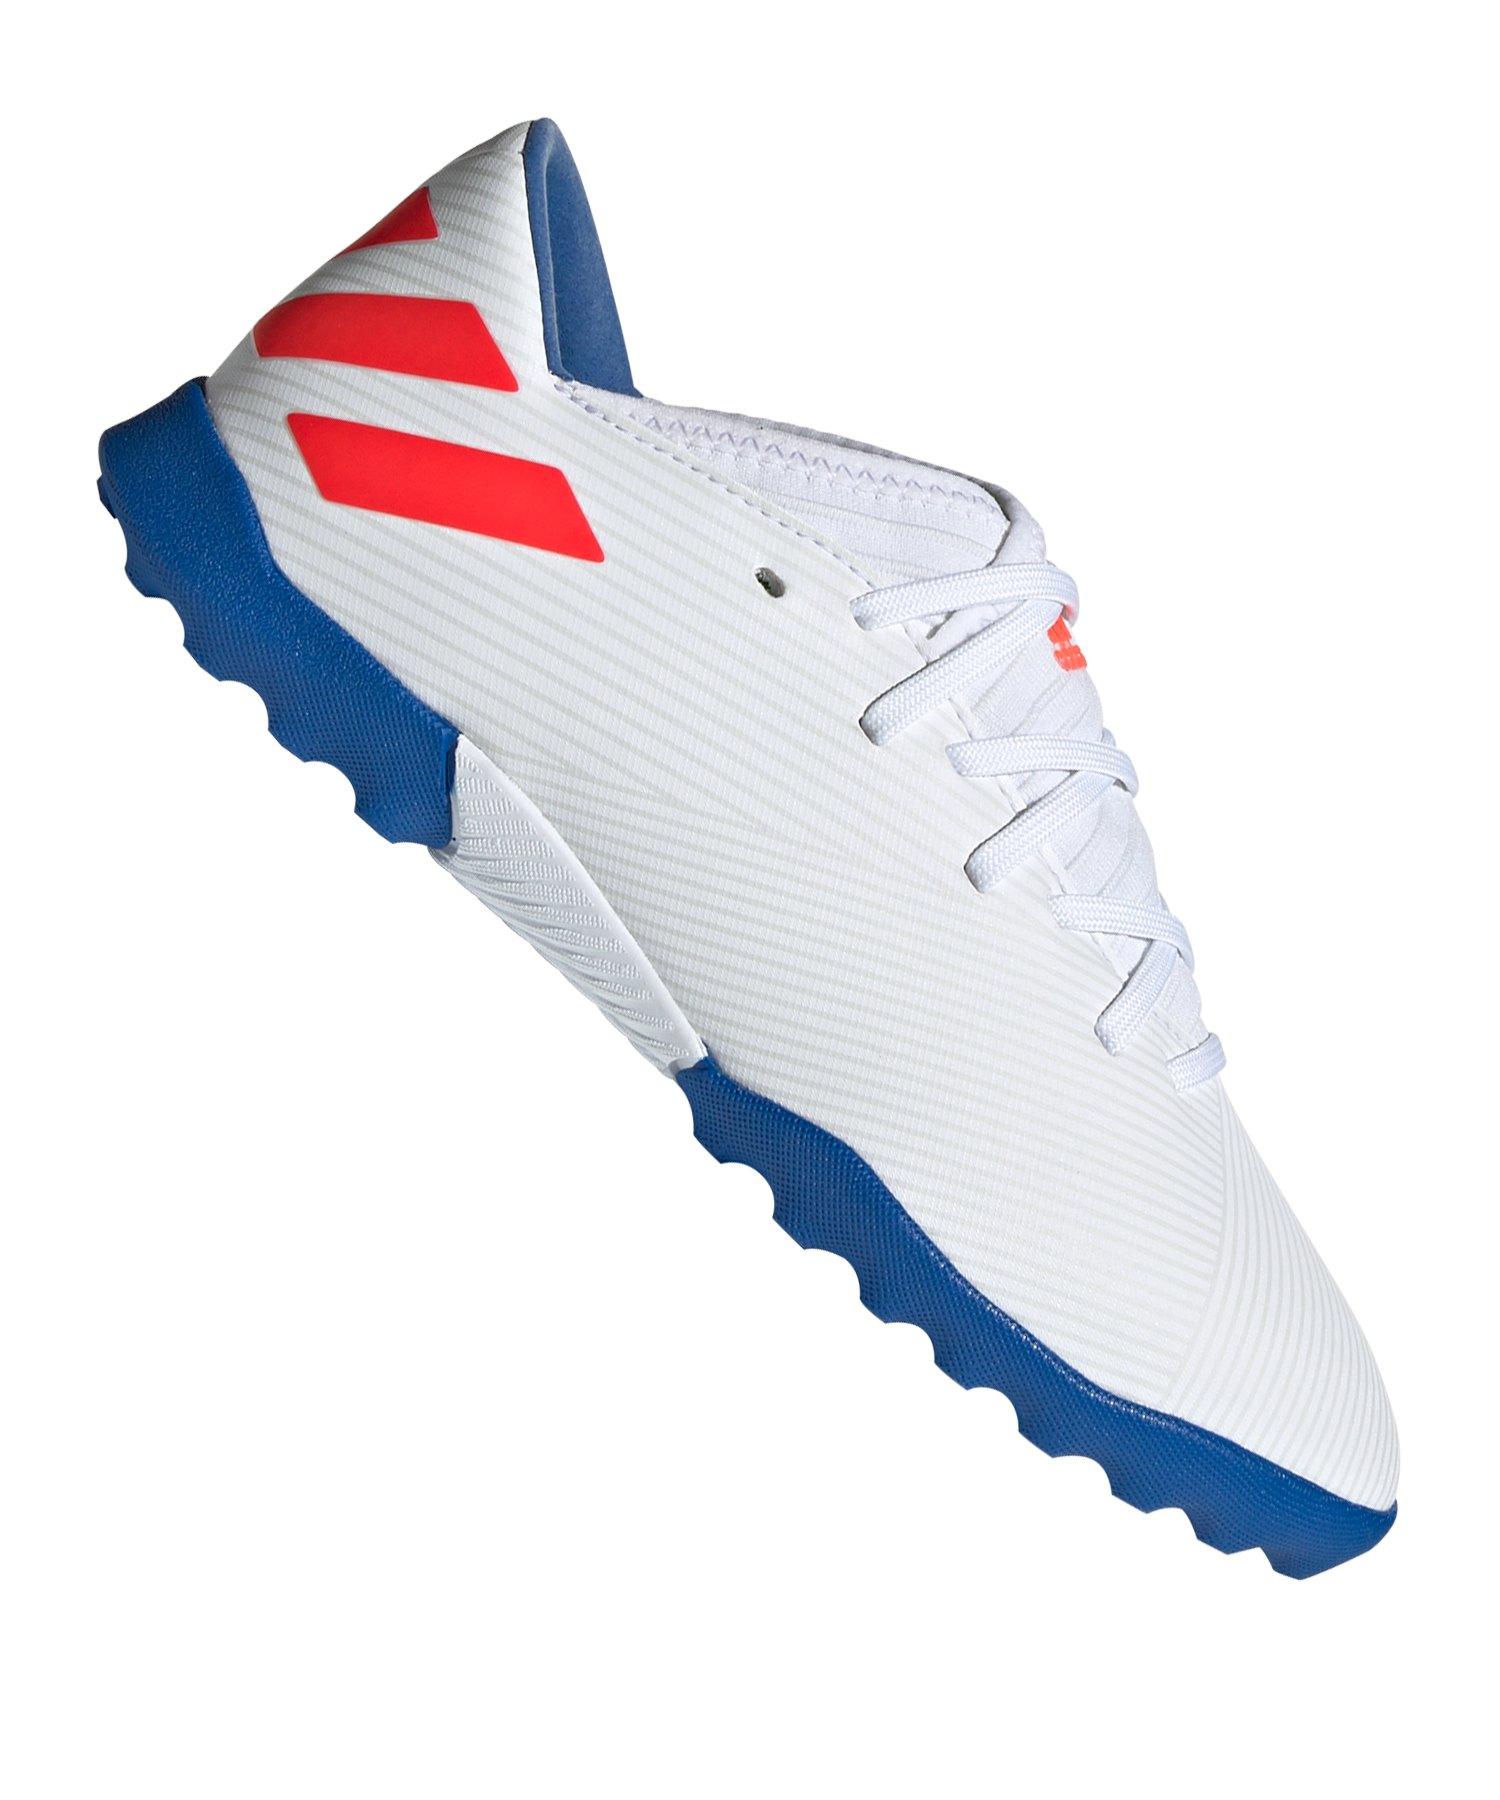 adidas NEMEZIZ Messi 19.3 TF J Kids Weiss Blau